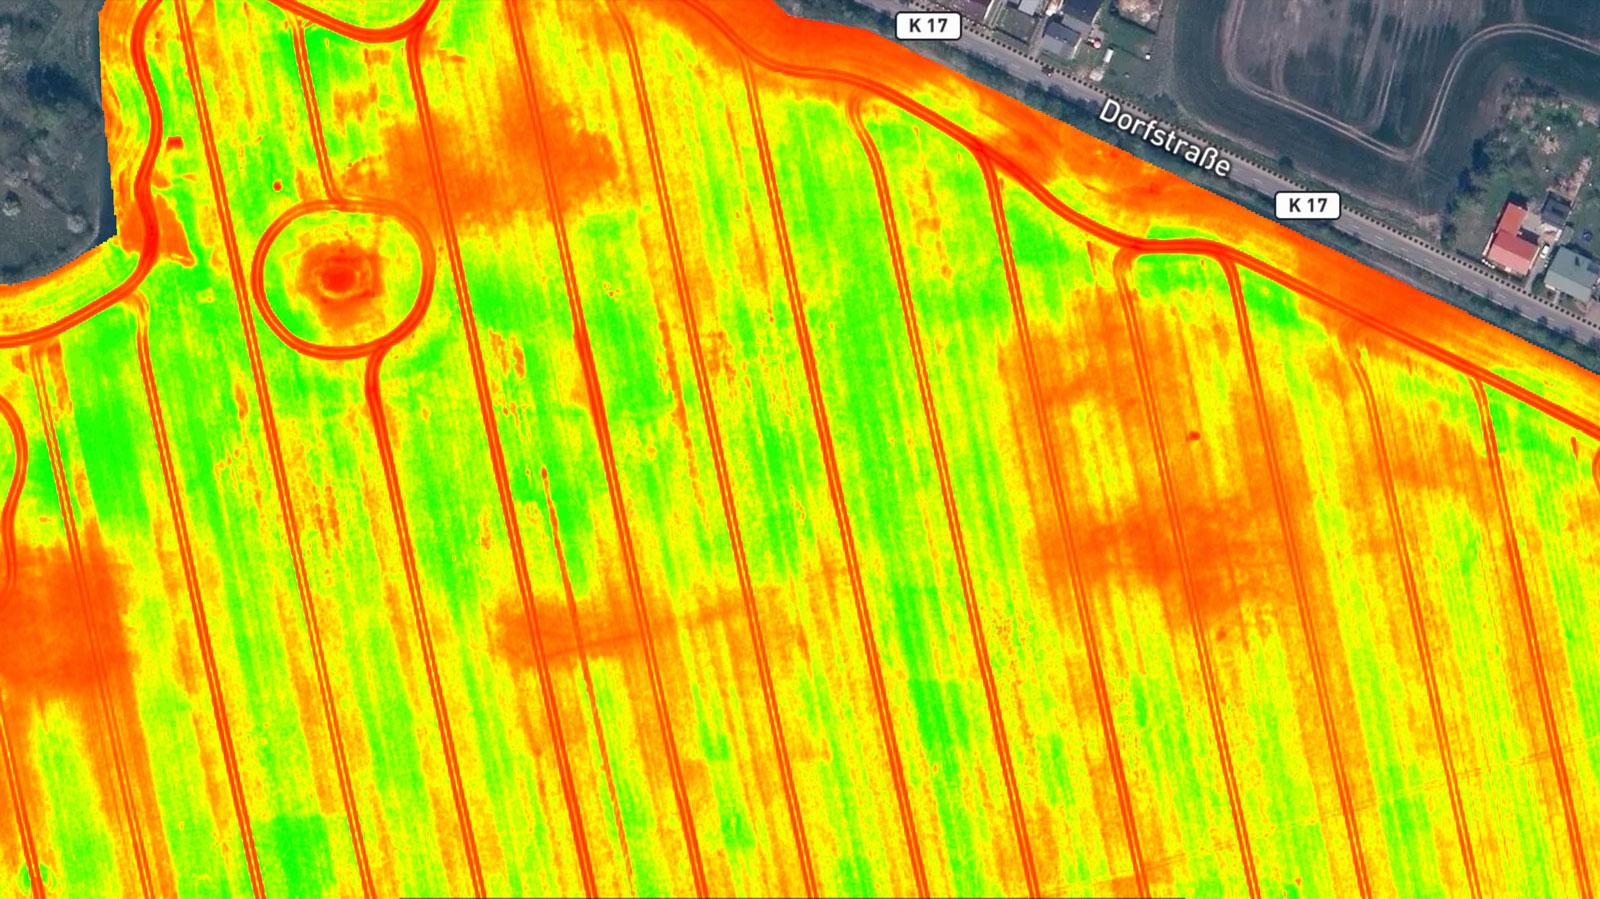 vegetation index map output for agriculture